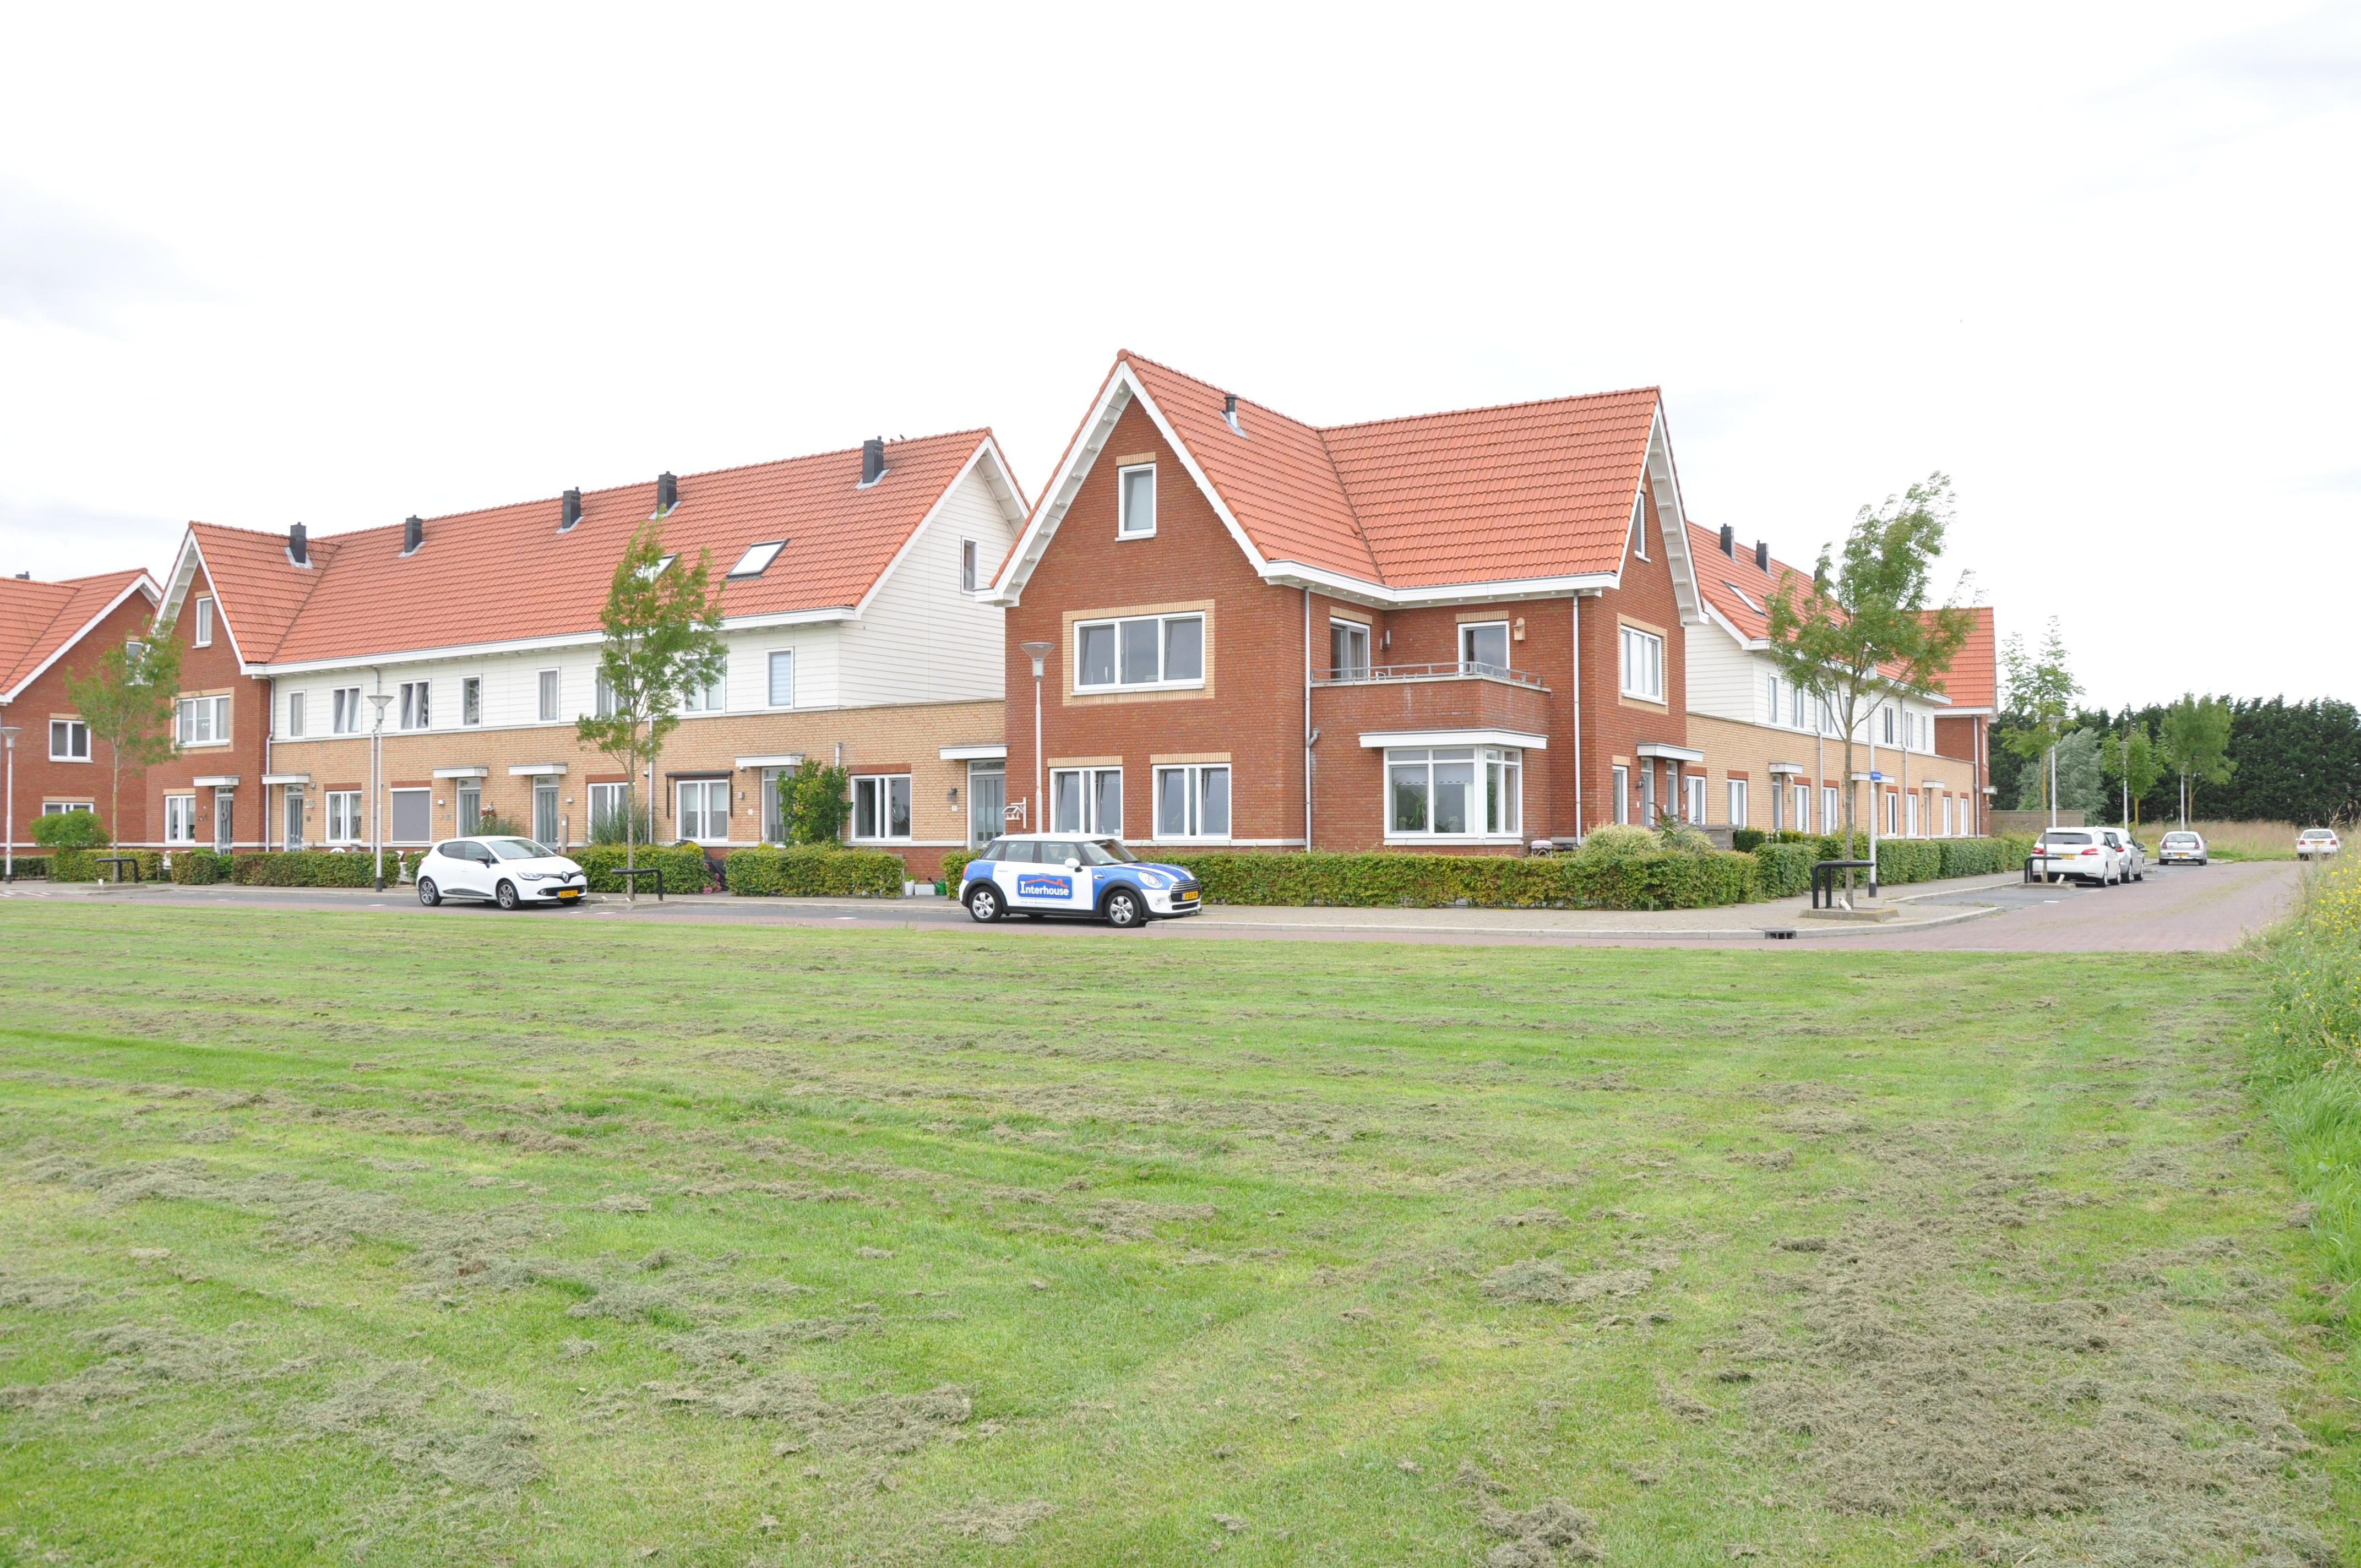 Schellinkhout, Hillegom